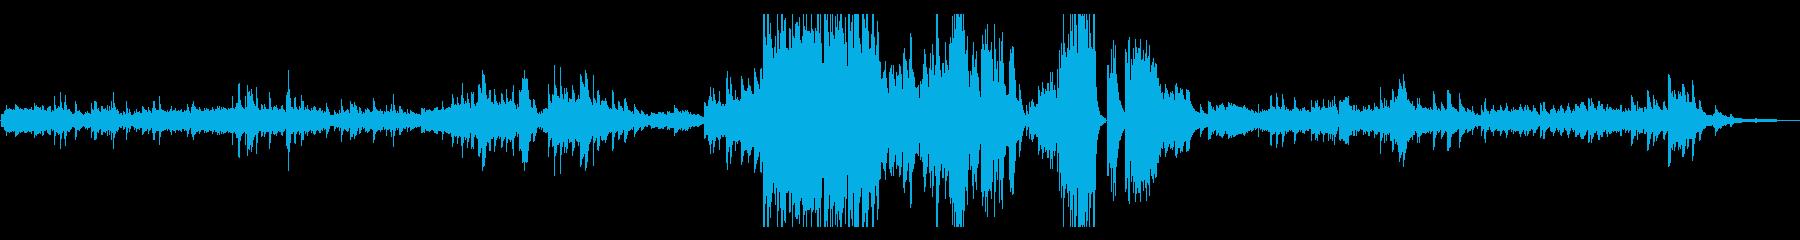 ノクターン(夜想曲) 第7番 ショパンの再生済みの波形